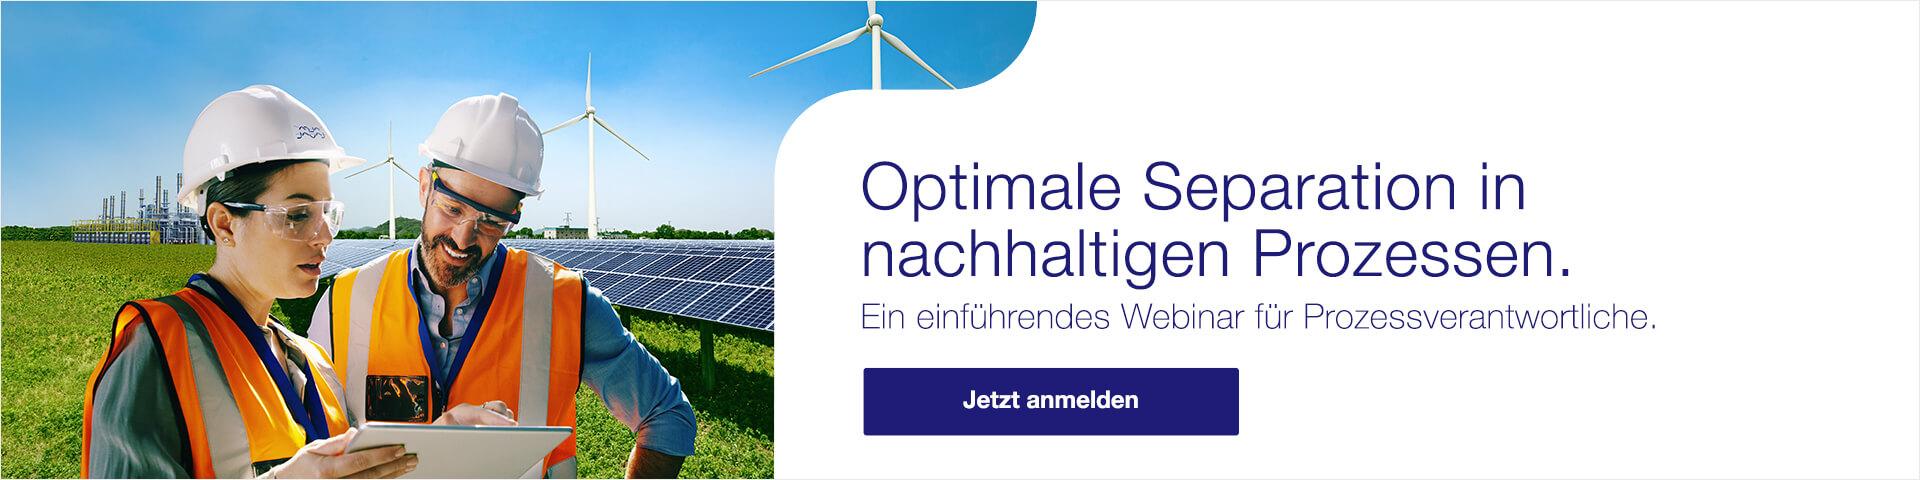 HeroBanner_Separation_in_nachhaltige_Prozesse_1920x480.jpg